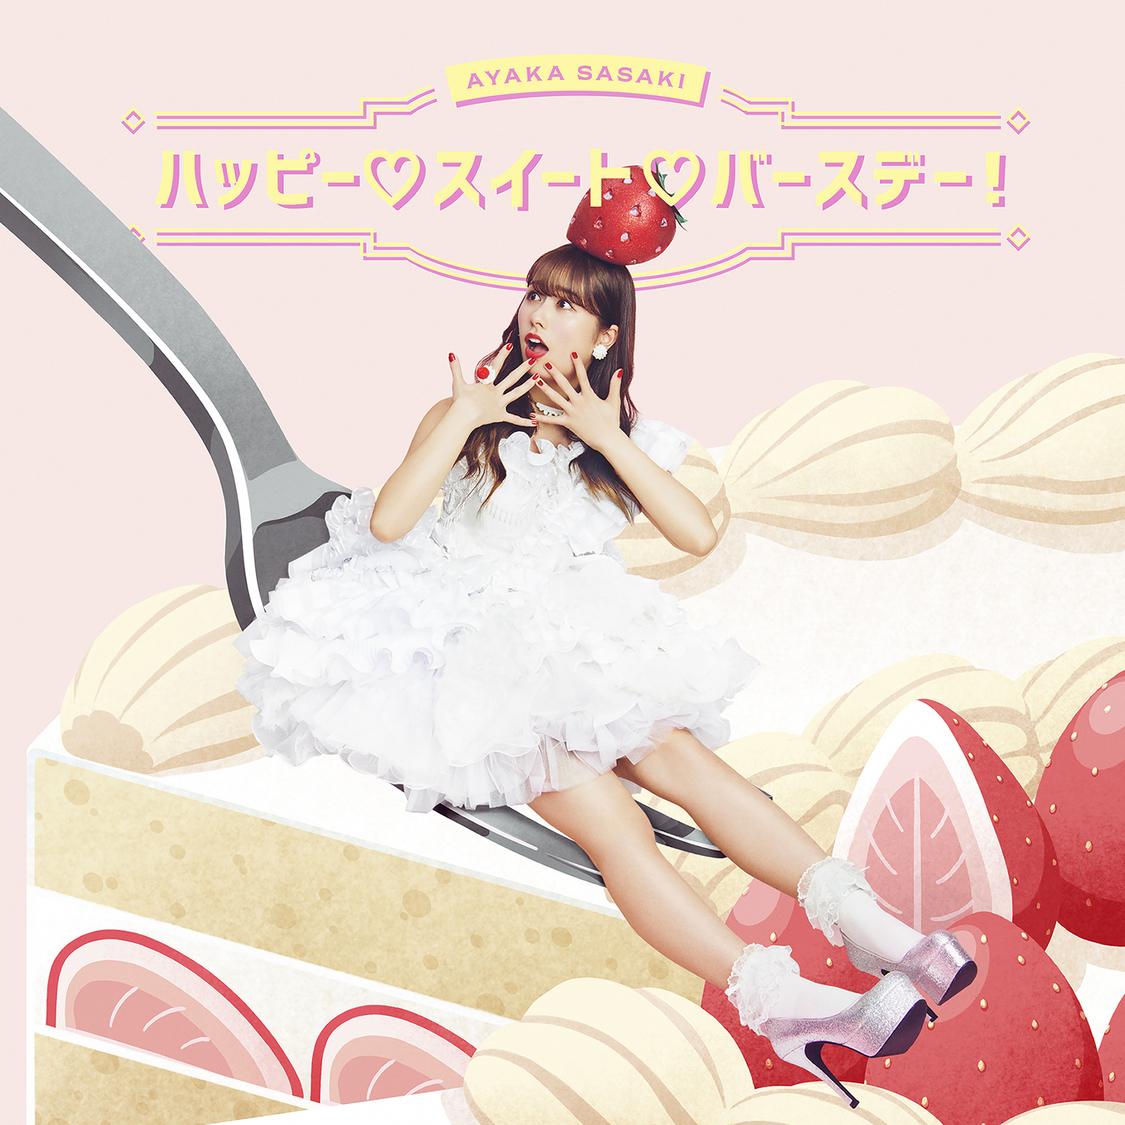 佐々木彩夏、祝24歳!「ハッピー♡スイート♡バースデー!」配信開始&SP映像やアイドルたちからのお祝いコメントも